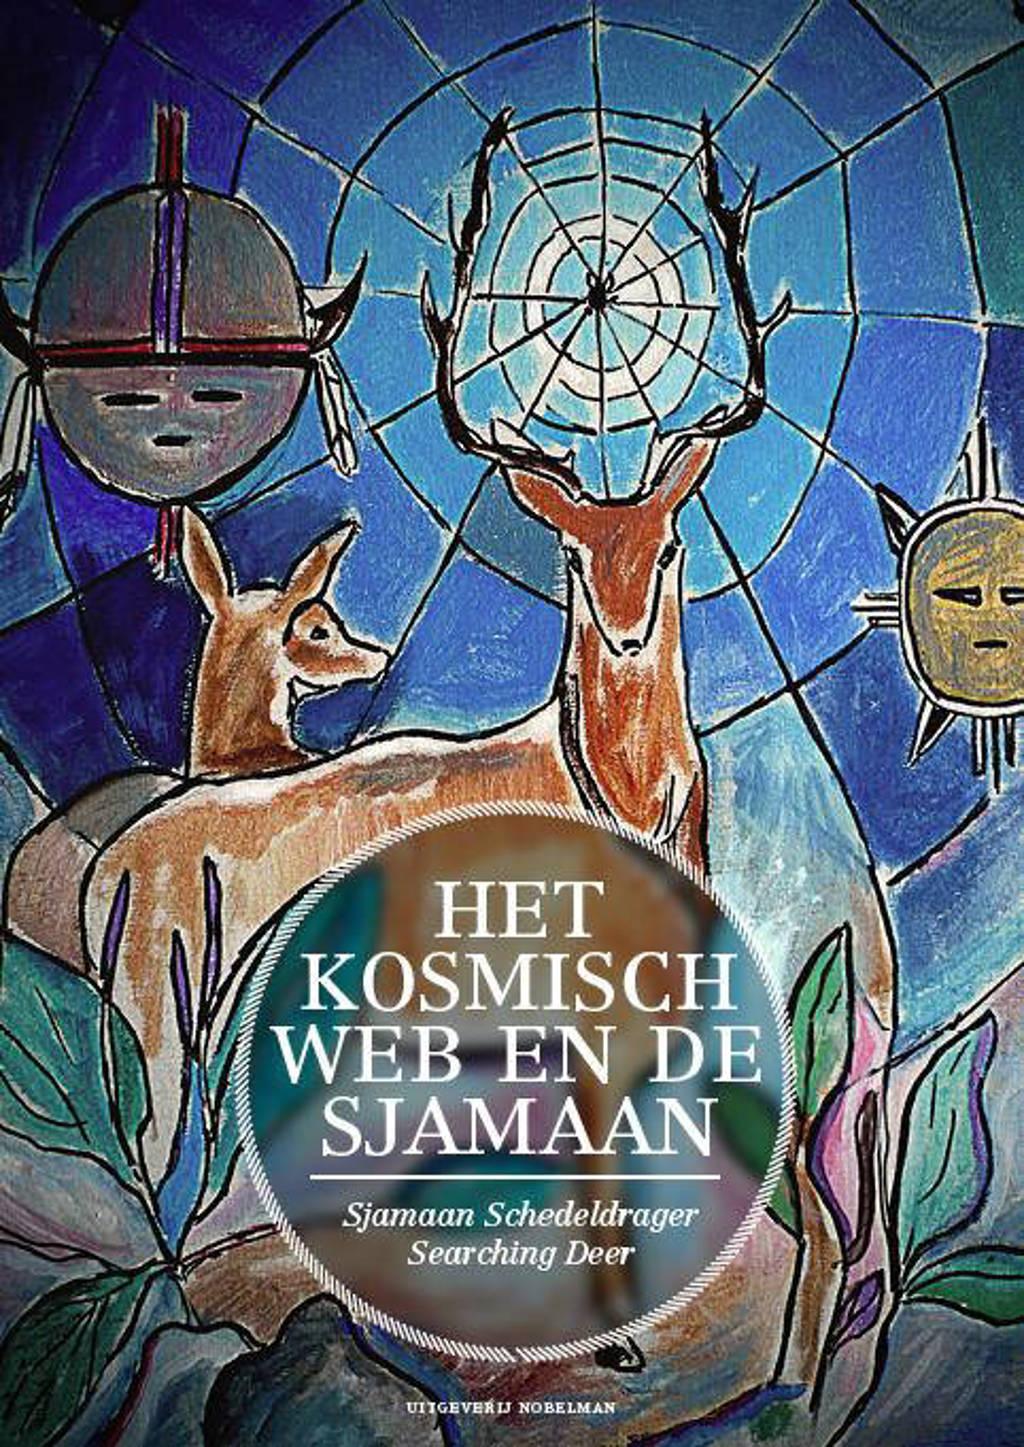 Het kosmisch web en de sjamaan - Jan Sjamaan Schedeldrager Searching Deer